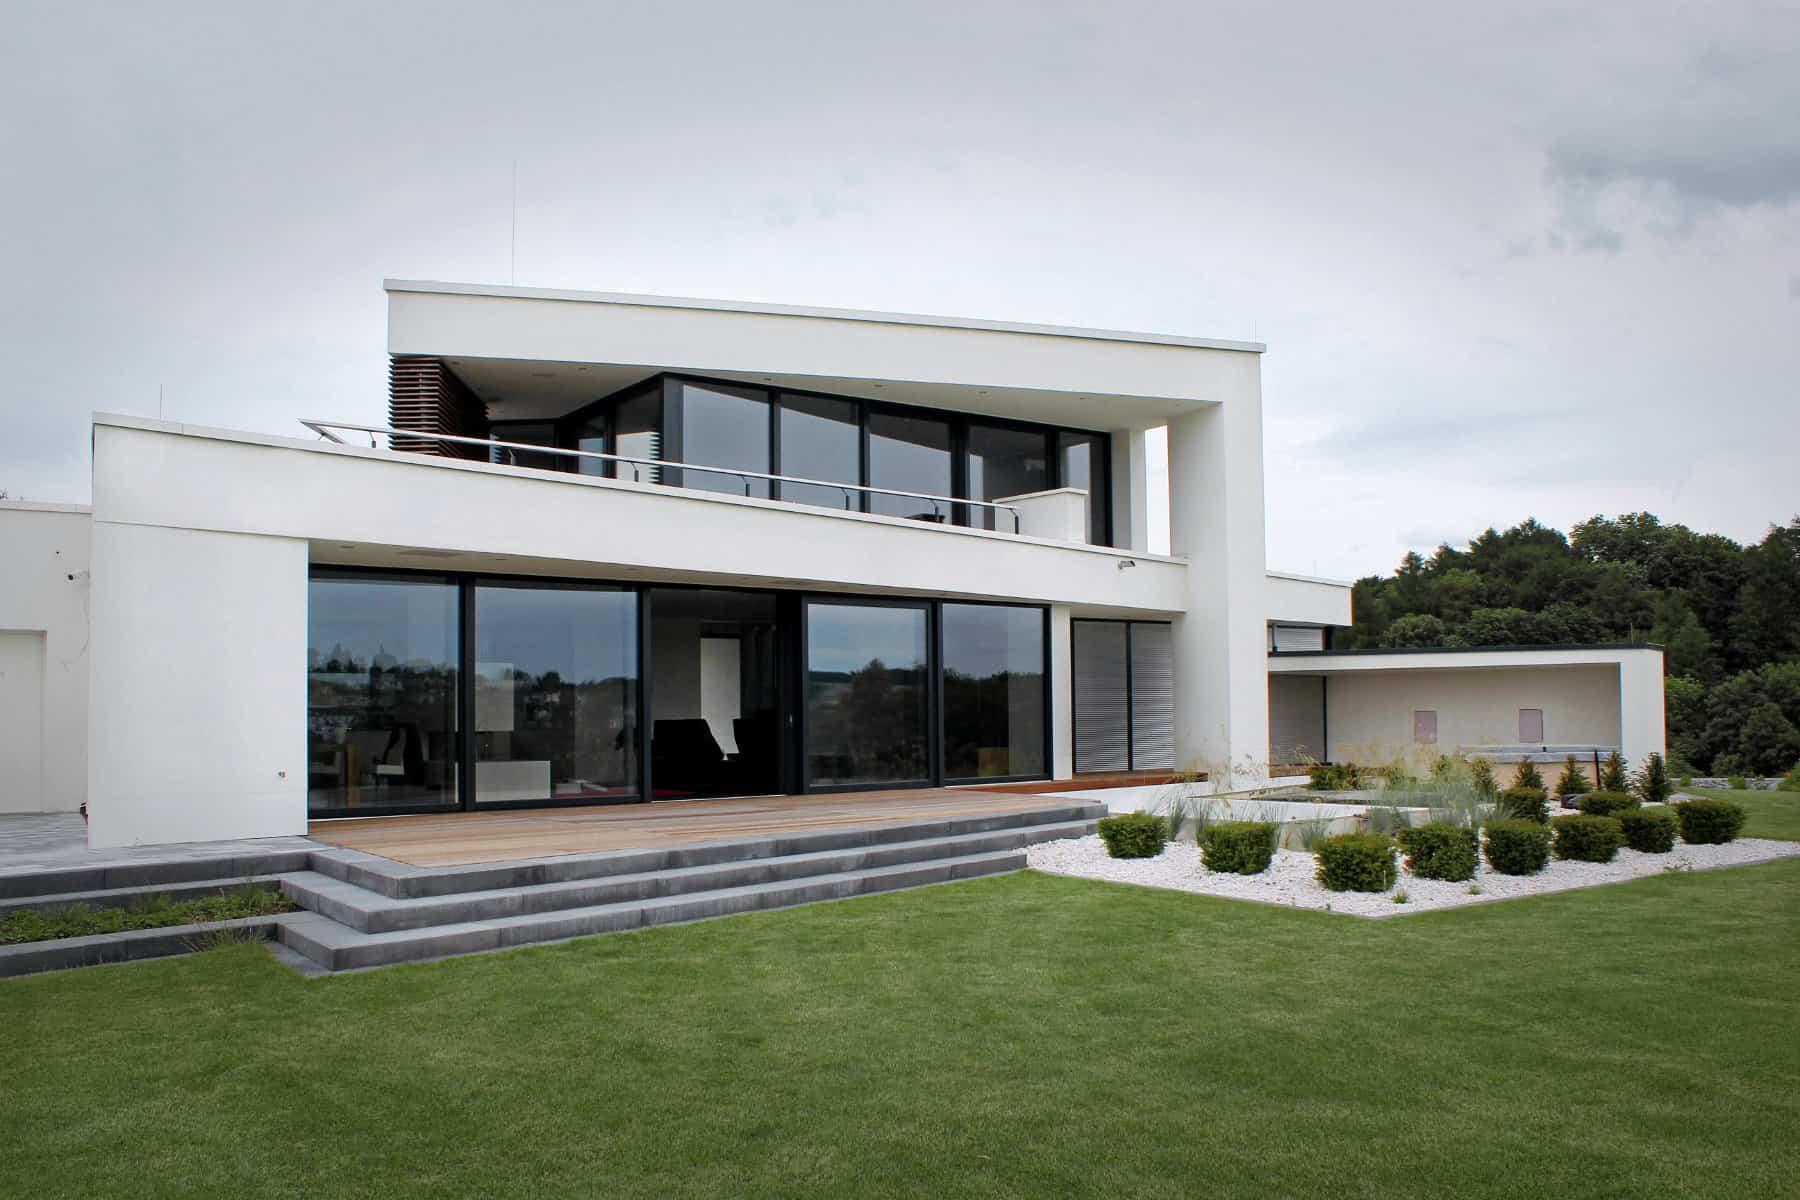 Flachdachhaus modern mit Dachterrasse und Pool